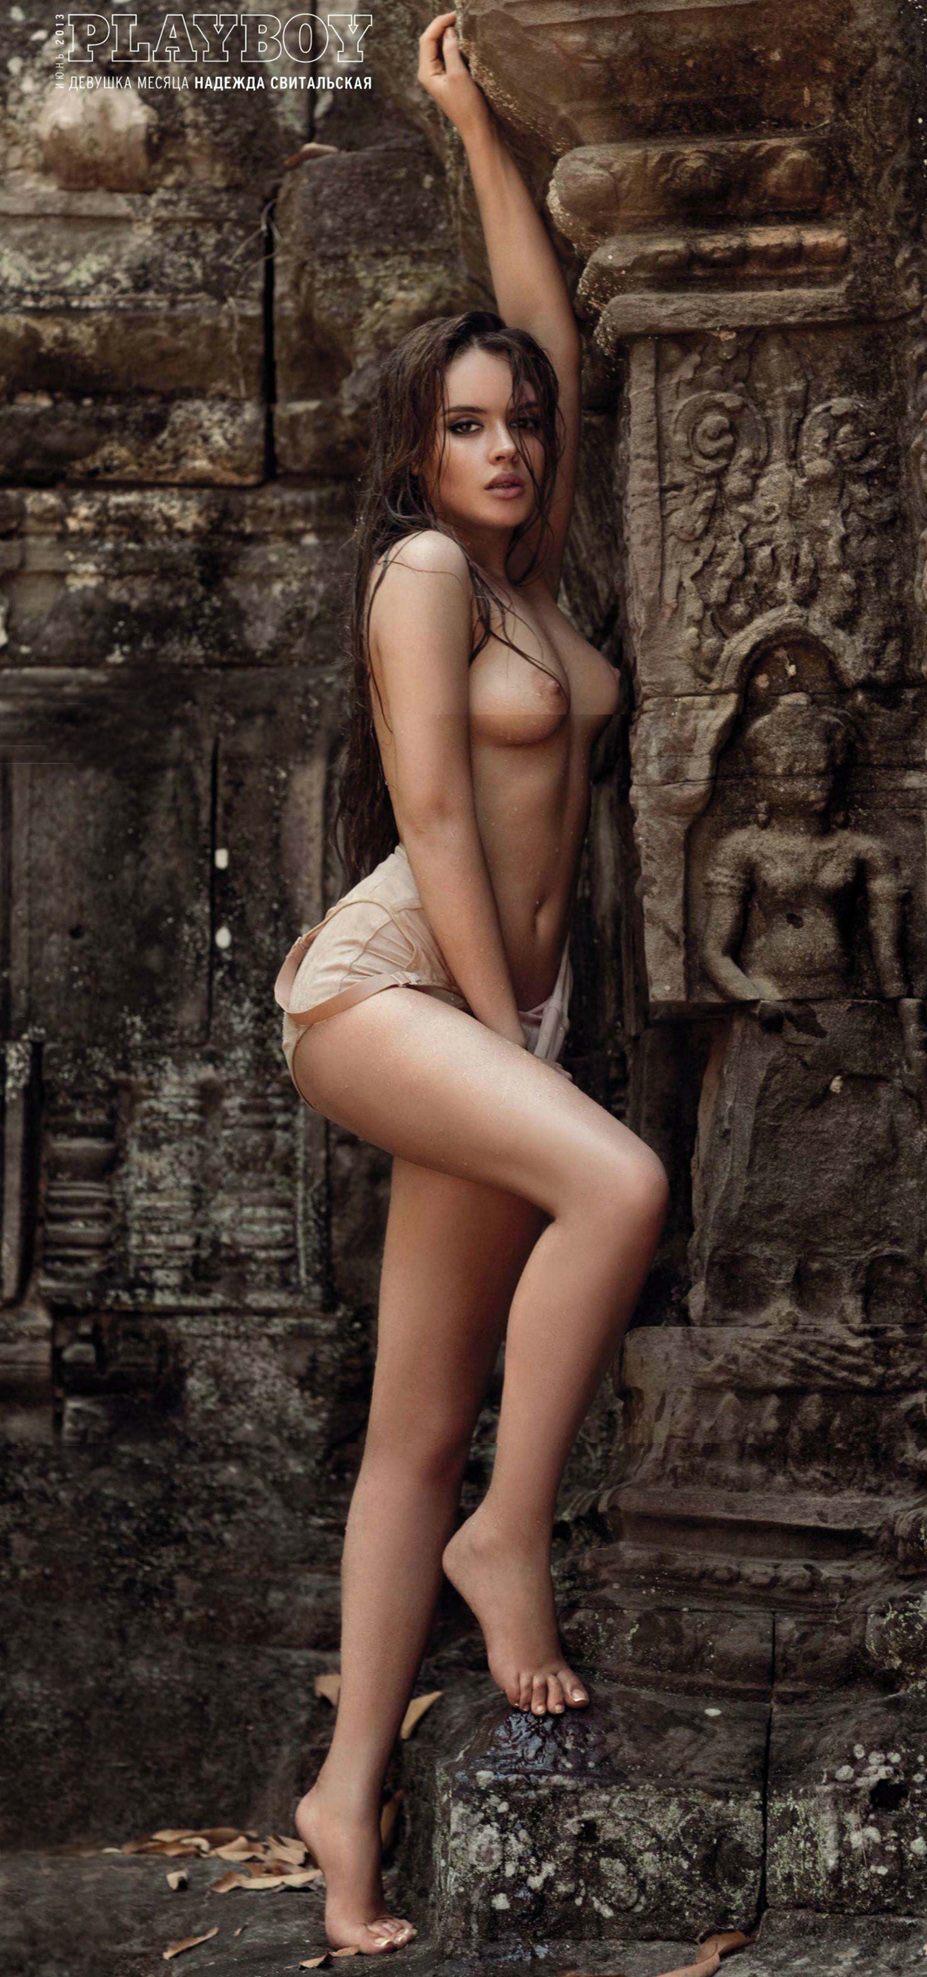 Девушка месяца Надежда Свитальская - Playboy Россия, июнь 2013